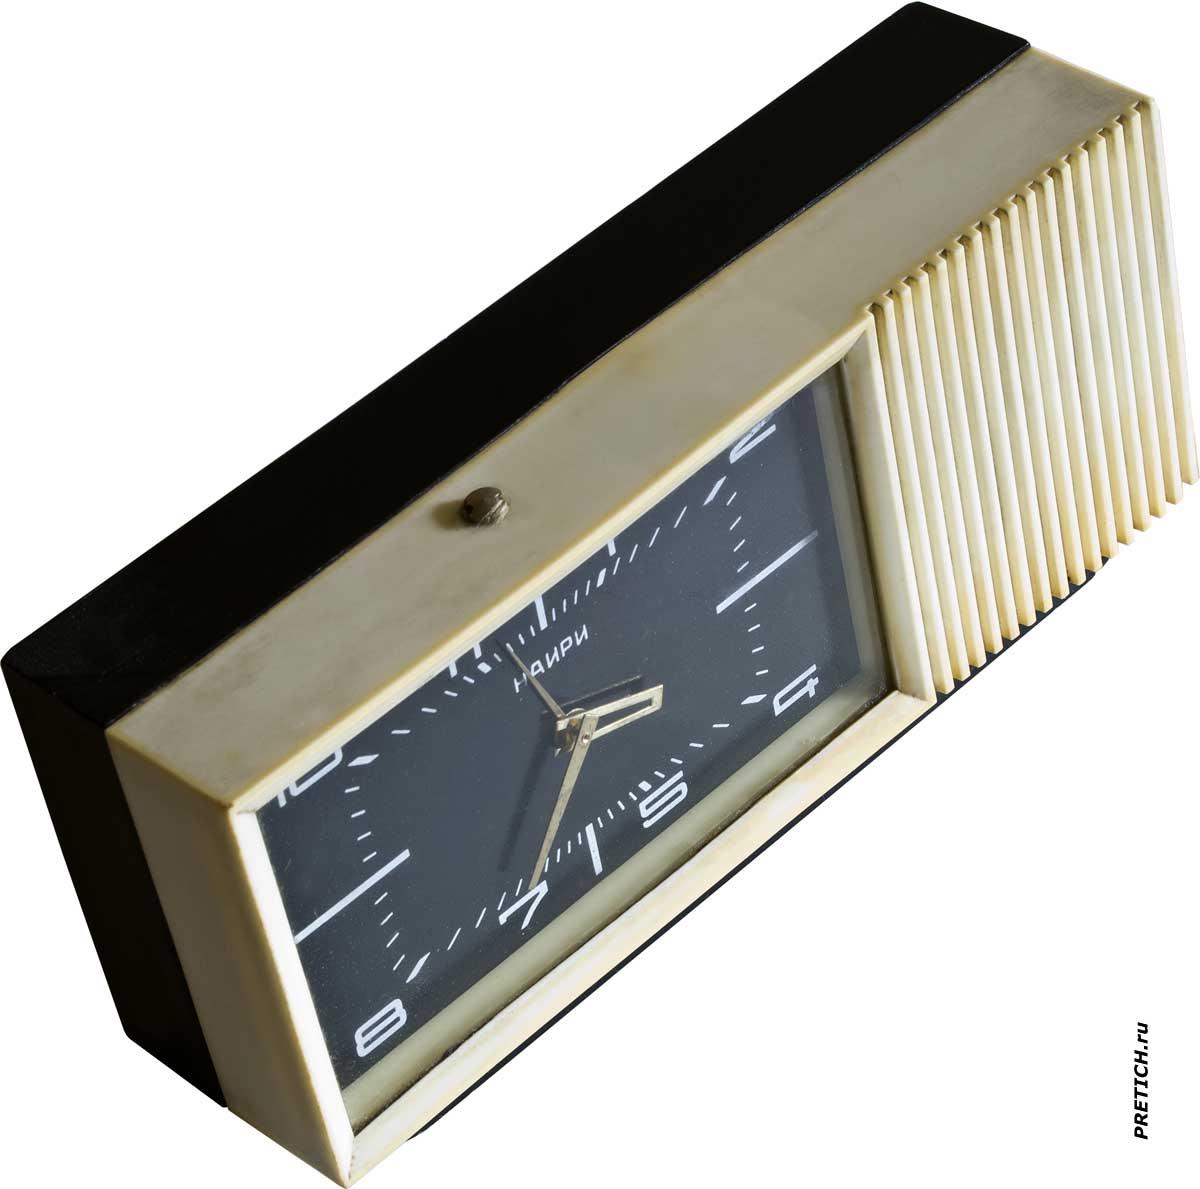 12521927 Претич - Статьи: Наири - часы с музыкальной шкатулкой, СССР